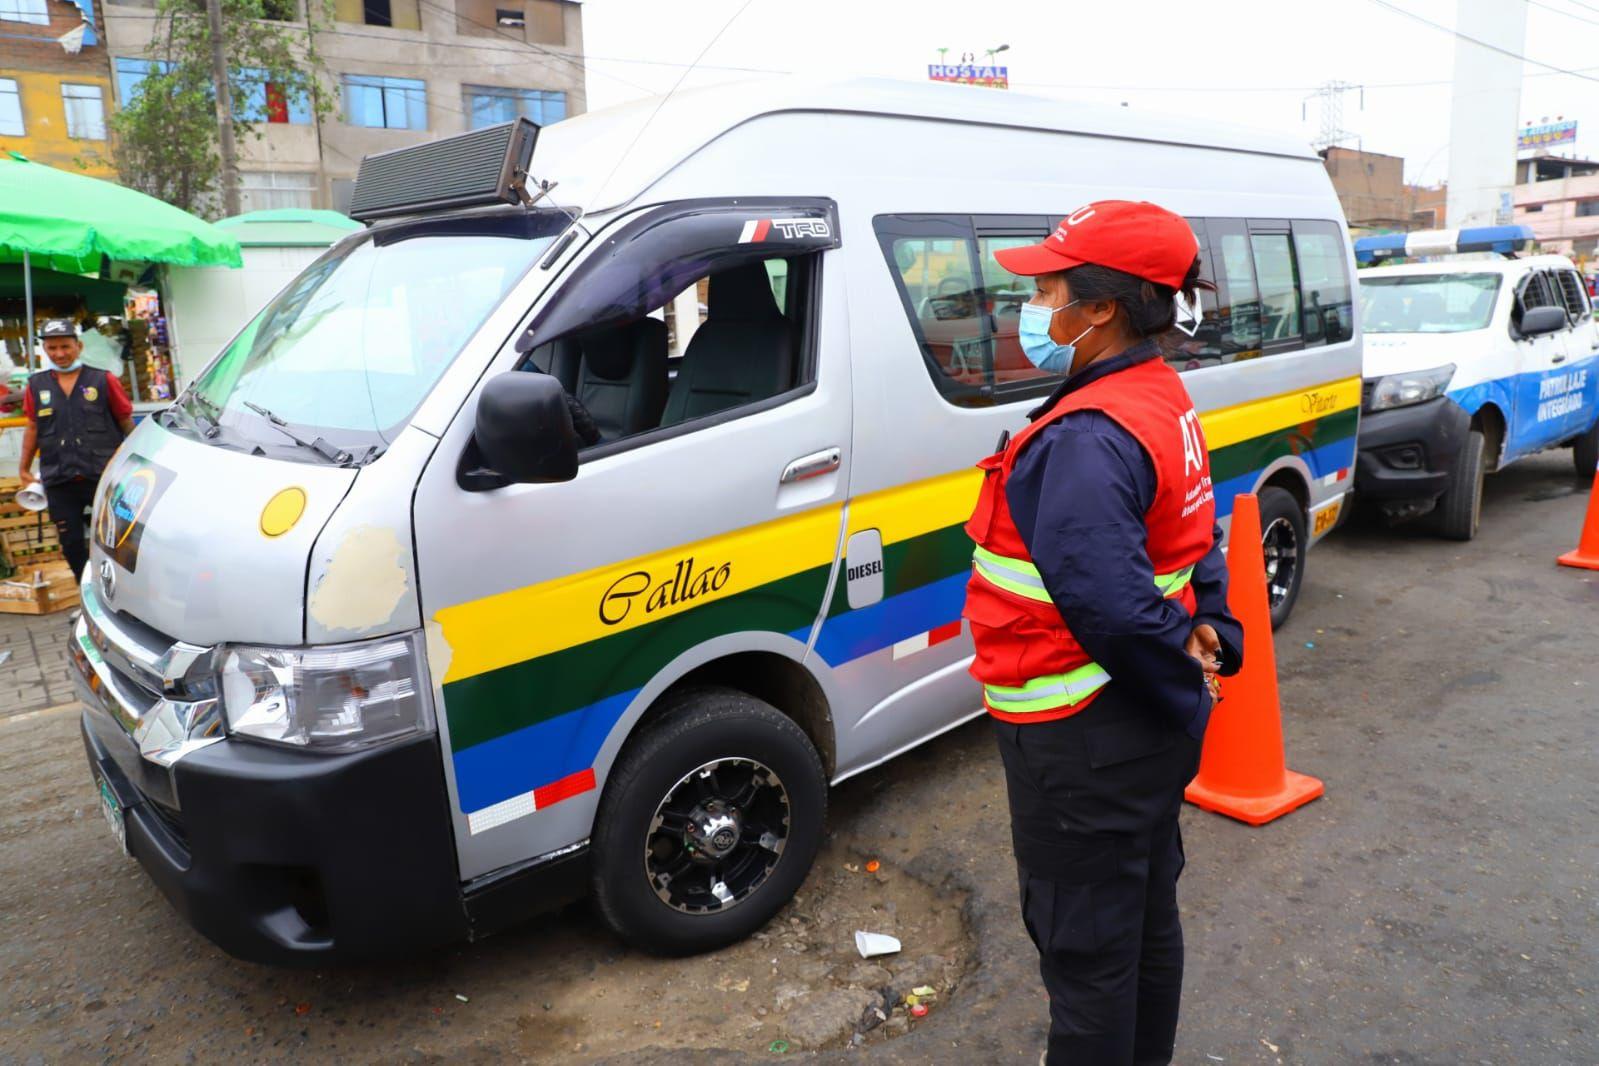 17-mil-vehiculos-informales-y-con-deudas-en-lima